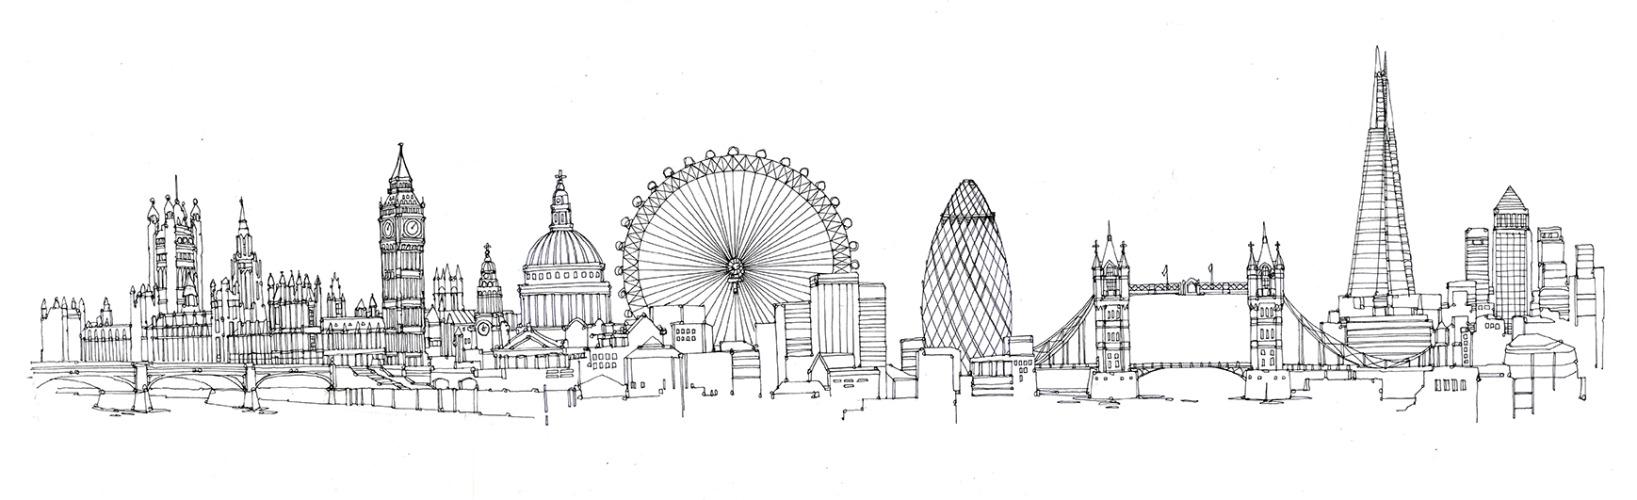 Drawn skyline #4